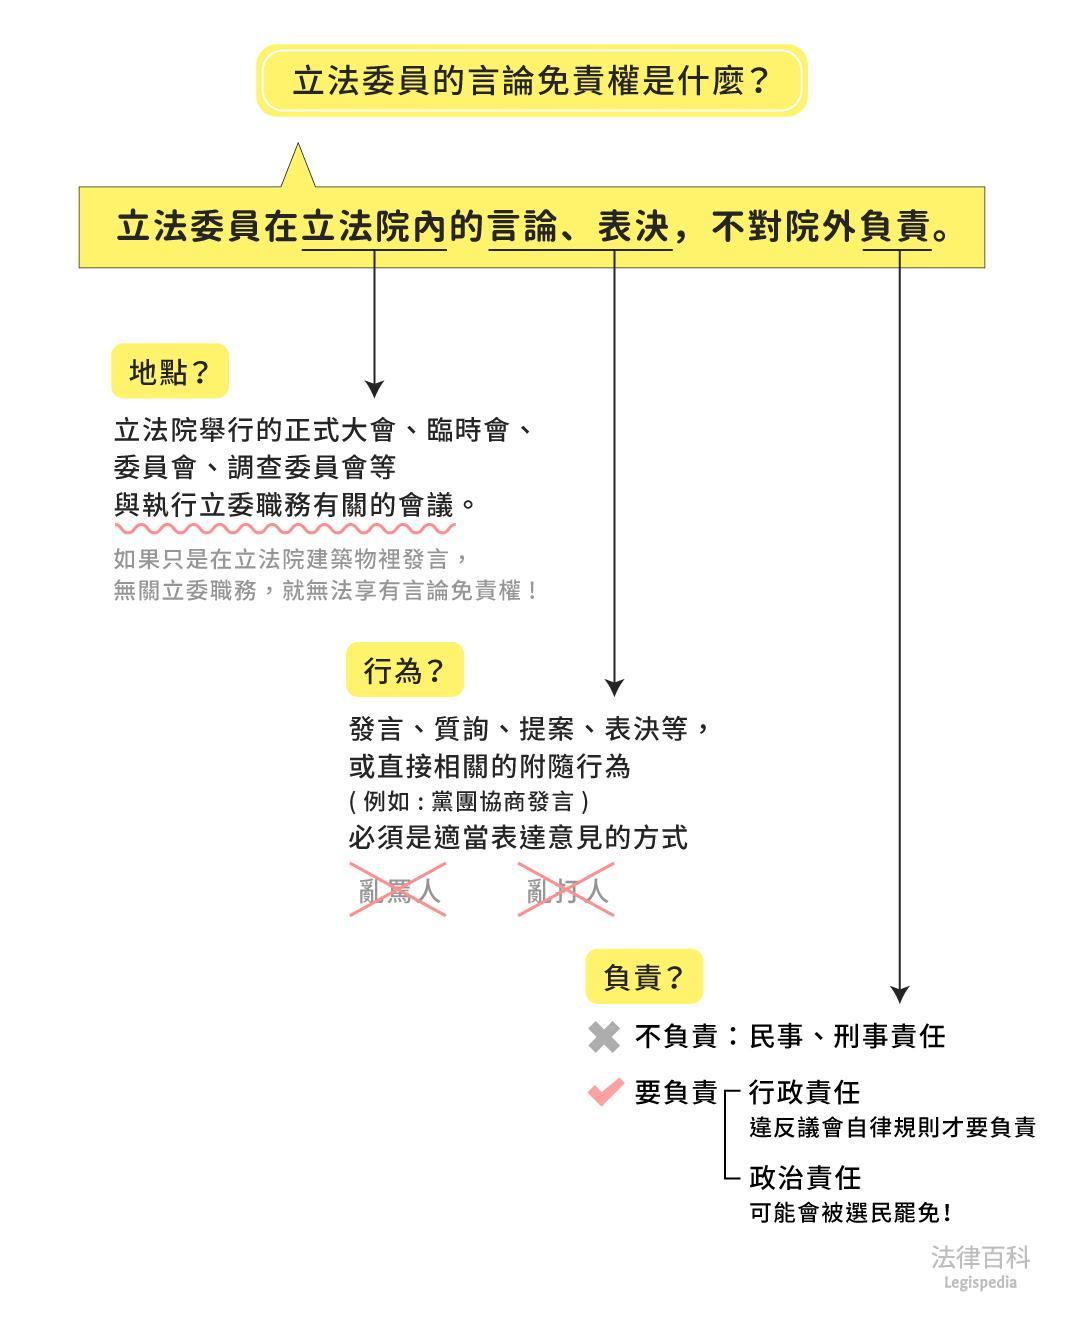 圖1 立法委員的言論免責權是什麼?||資料來源:陳映彤 / 繪圖:Yen